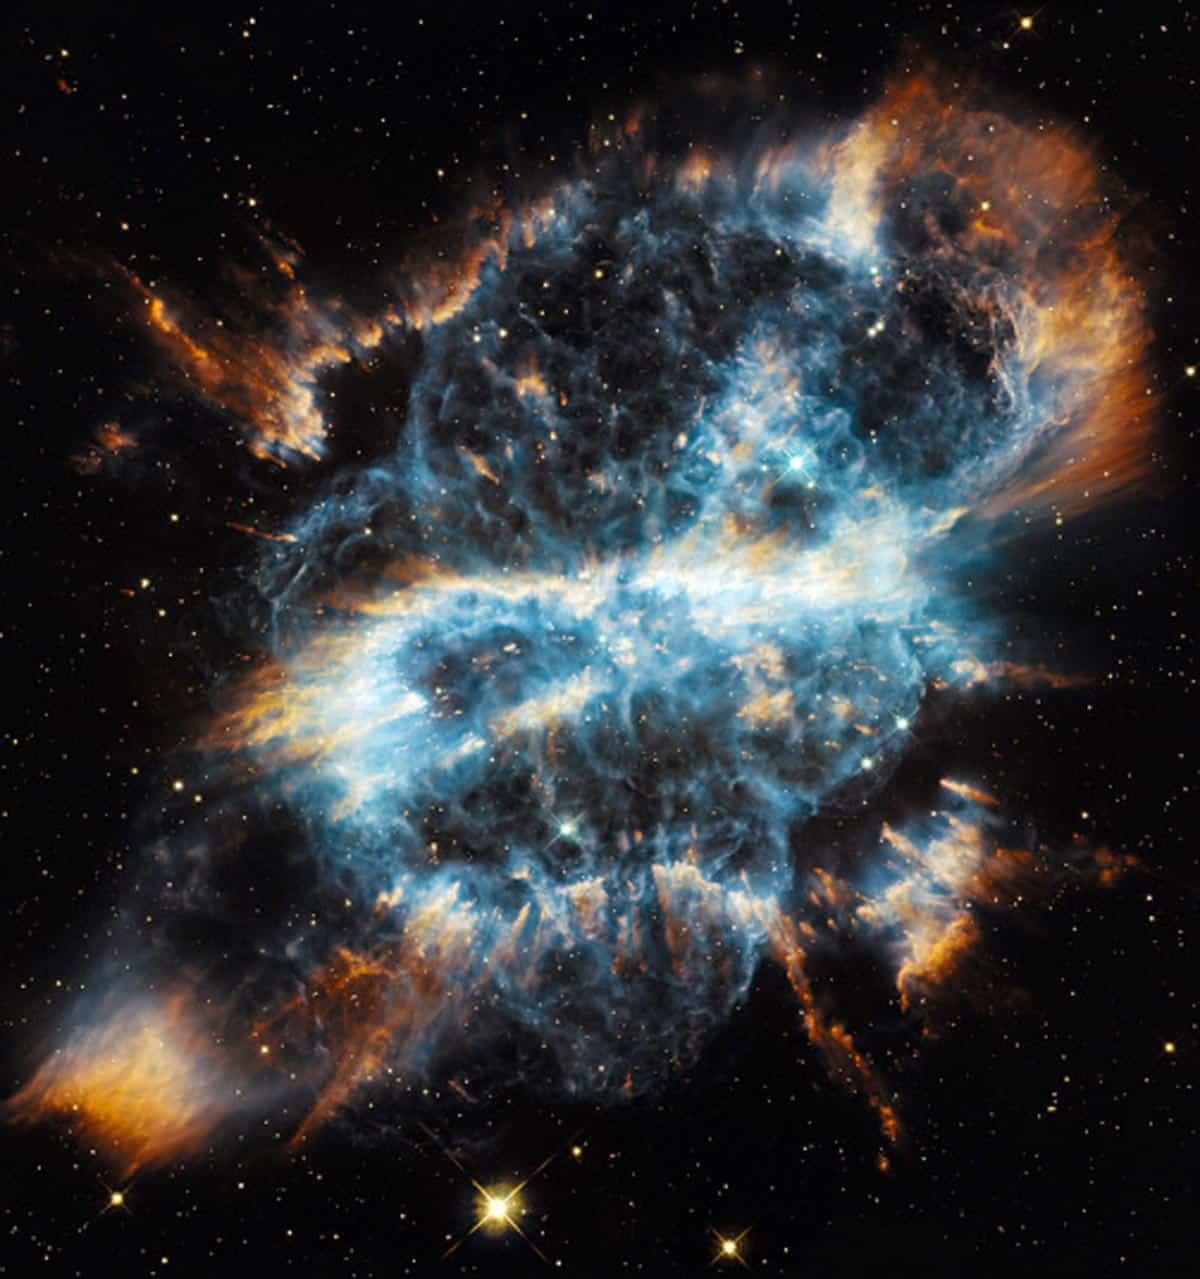 28. Photographie saisissante de la nébuleuse NGC 5198. (Photo : AFP/NASA/ESA/Hubble)